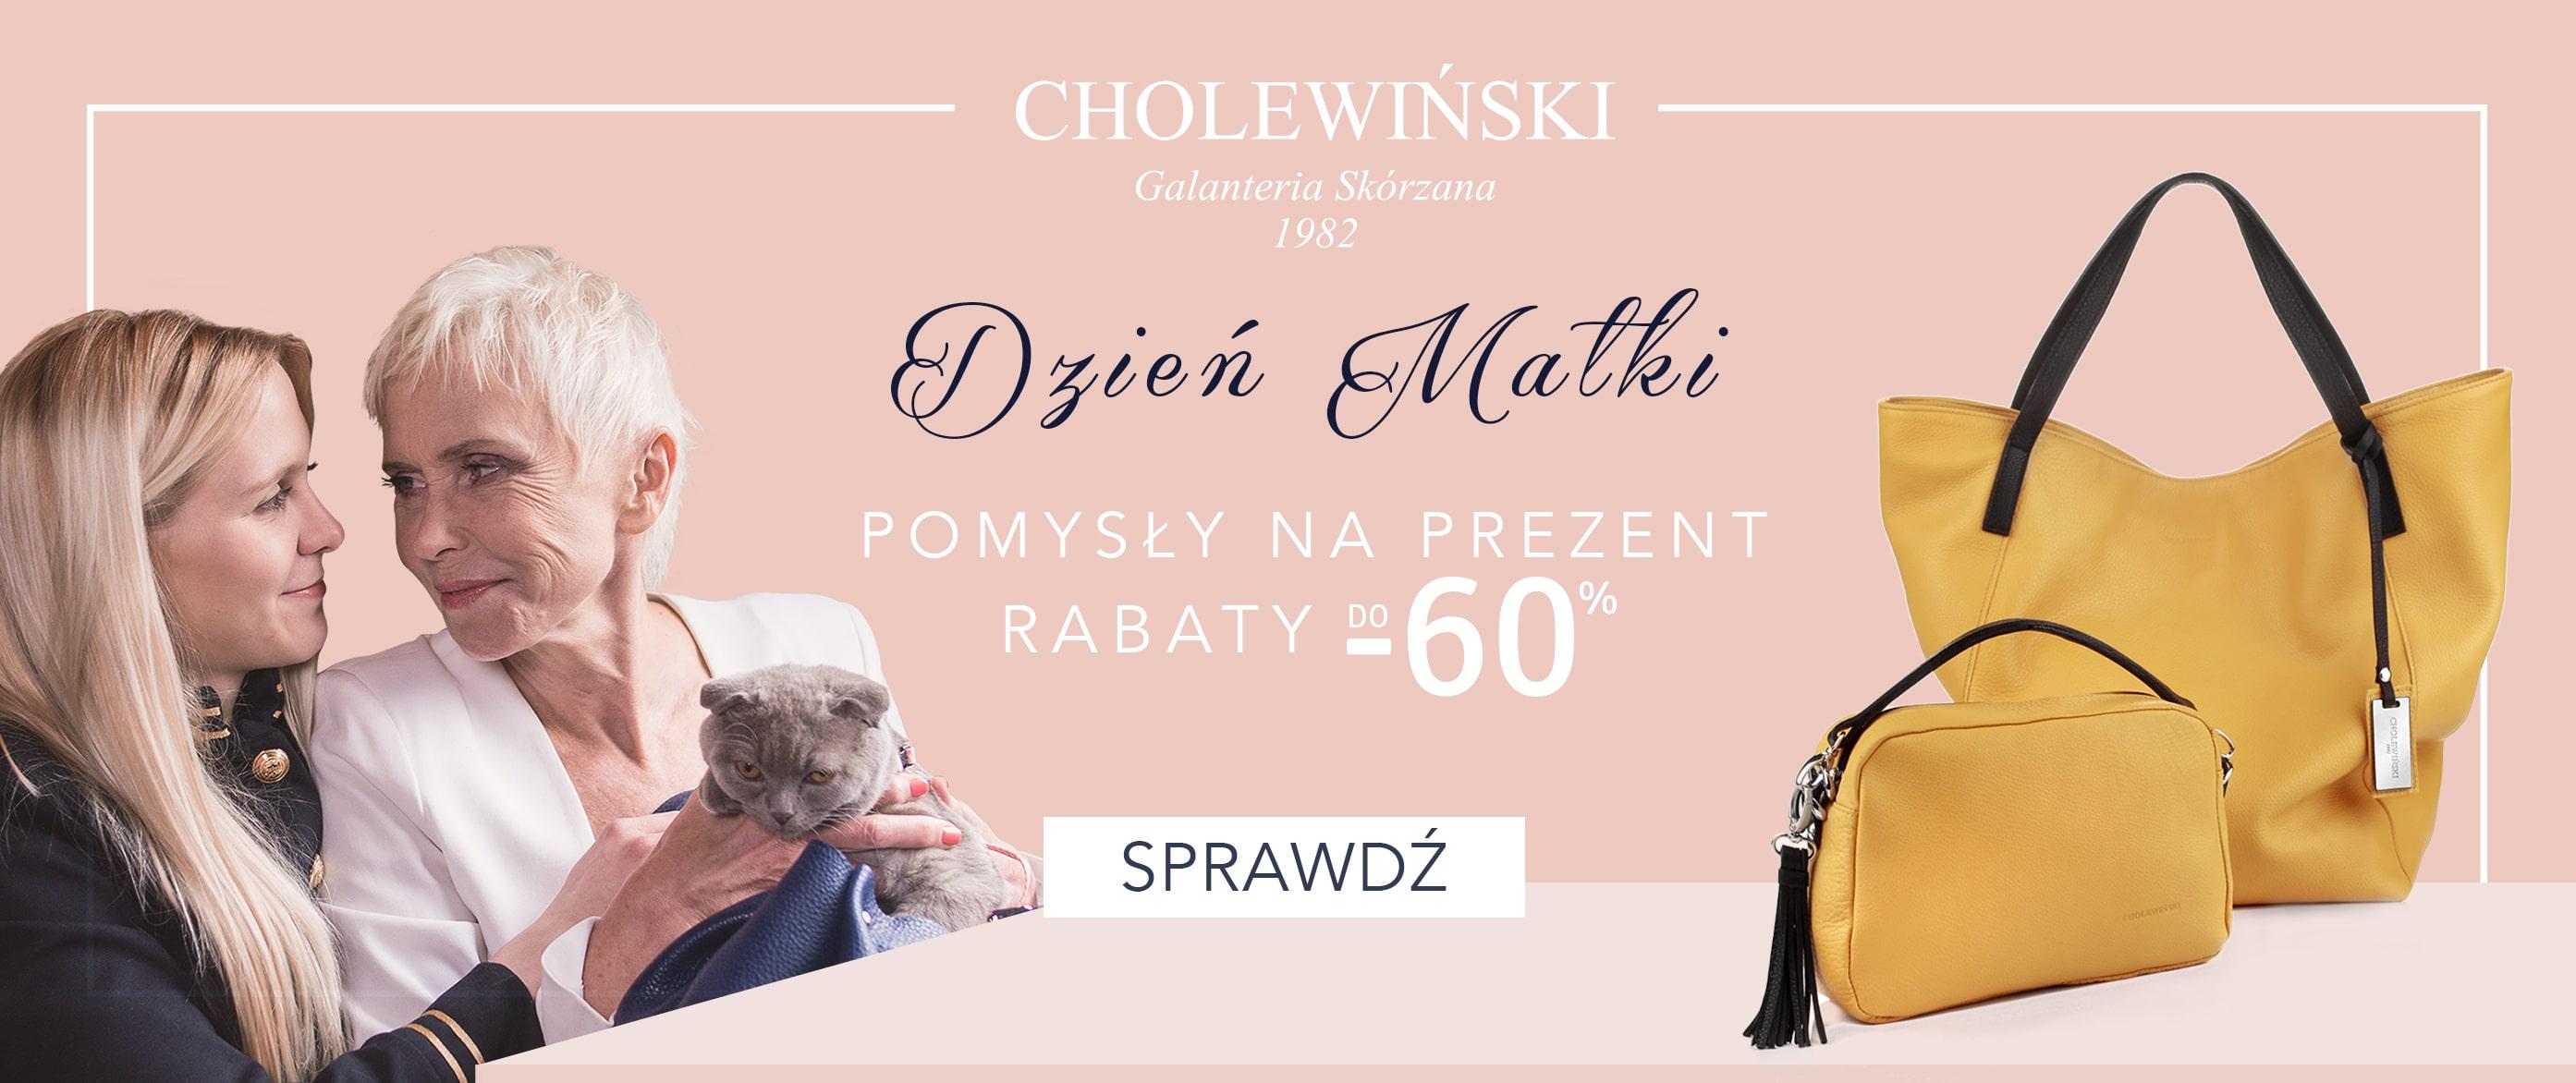 Cholewiński: do 60% rabatu na prezent z okazji Dnia Matki                         title=